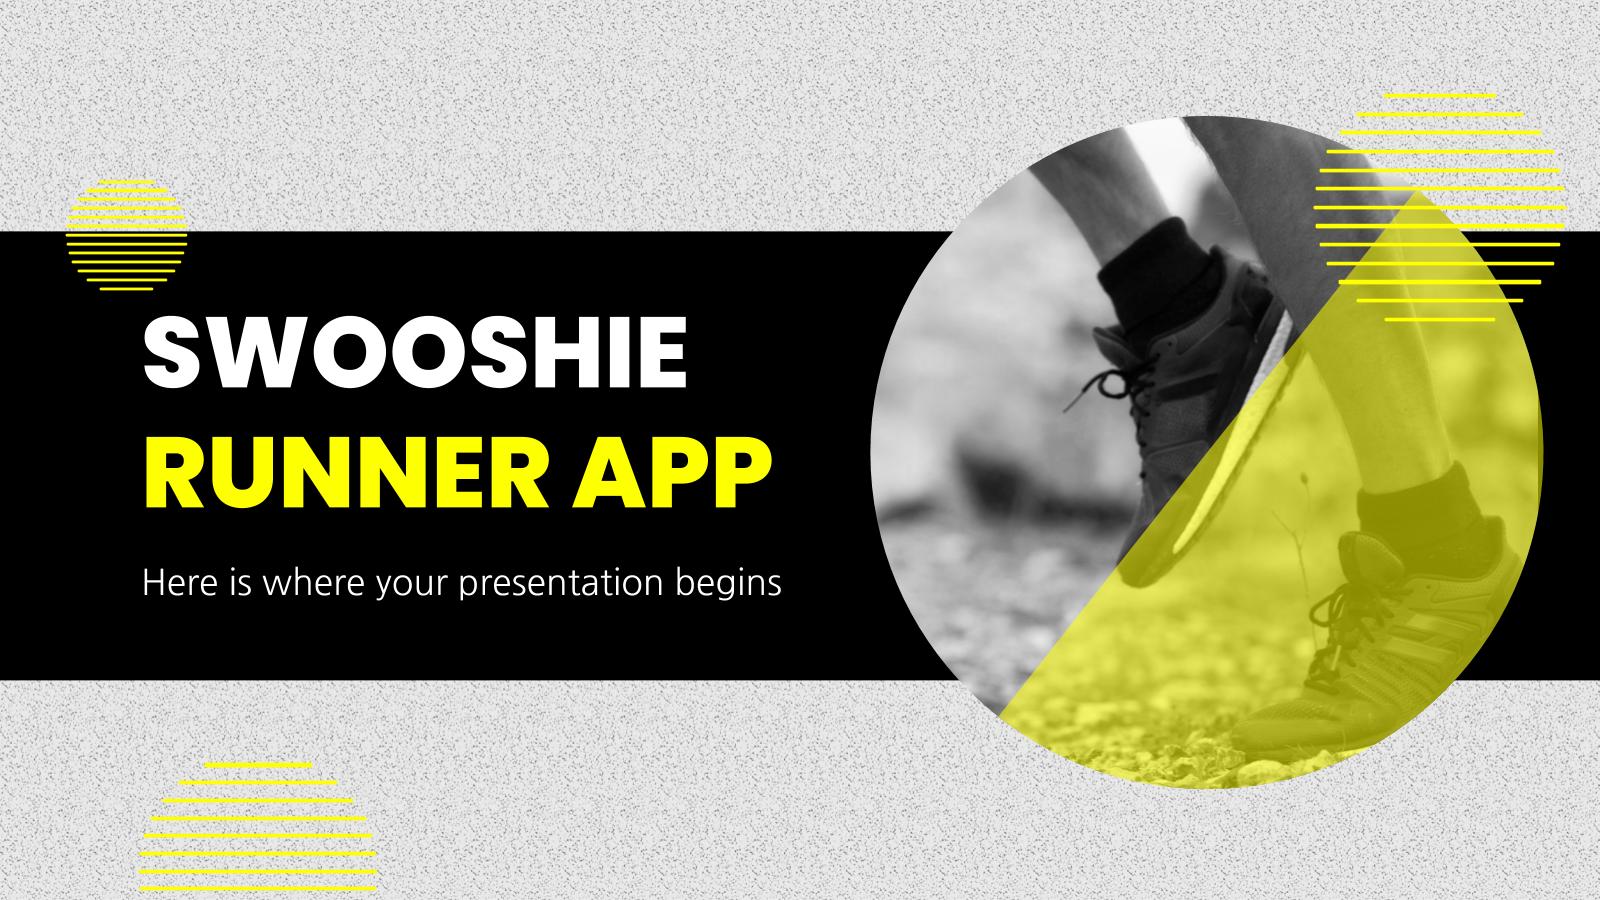 Plantilla de presentación App para running Swooshie